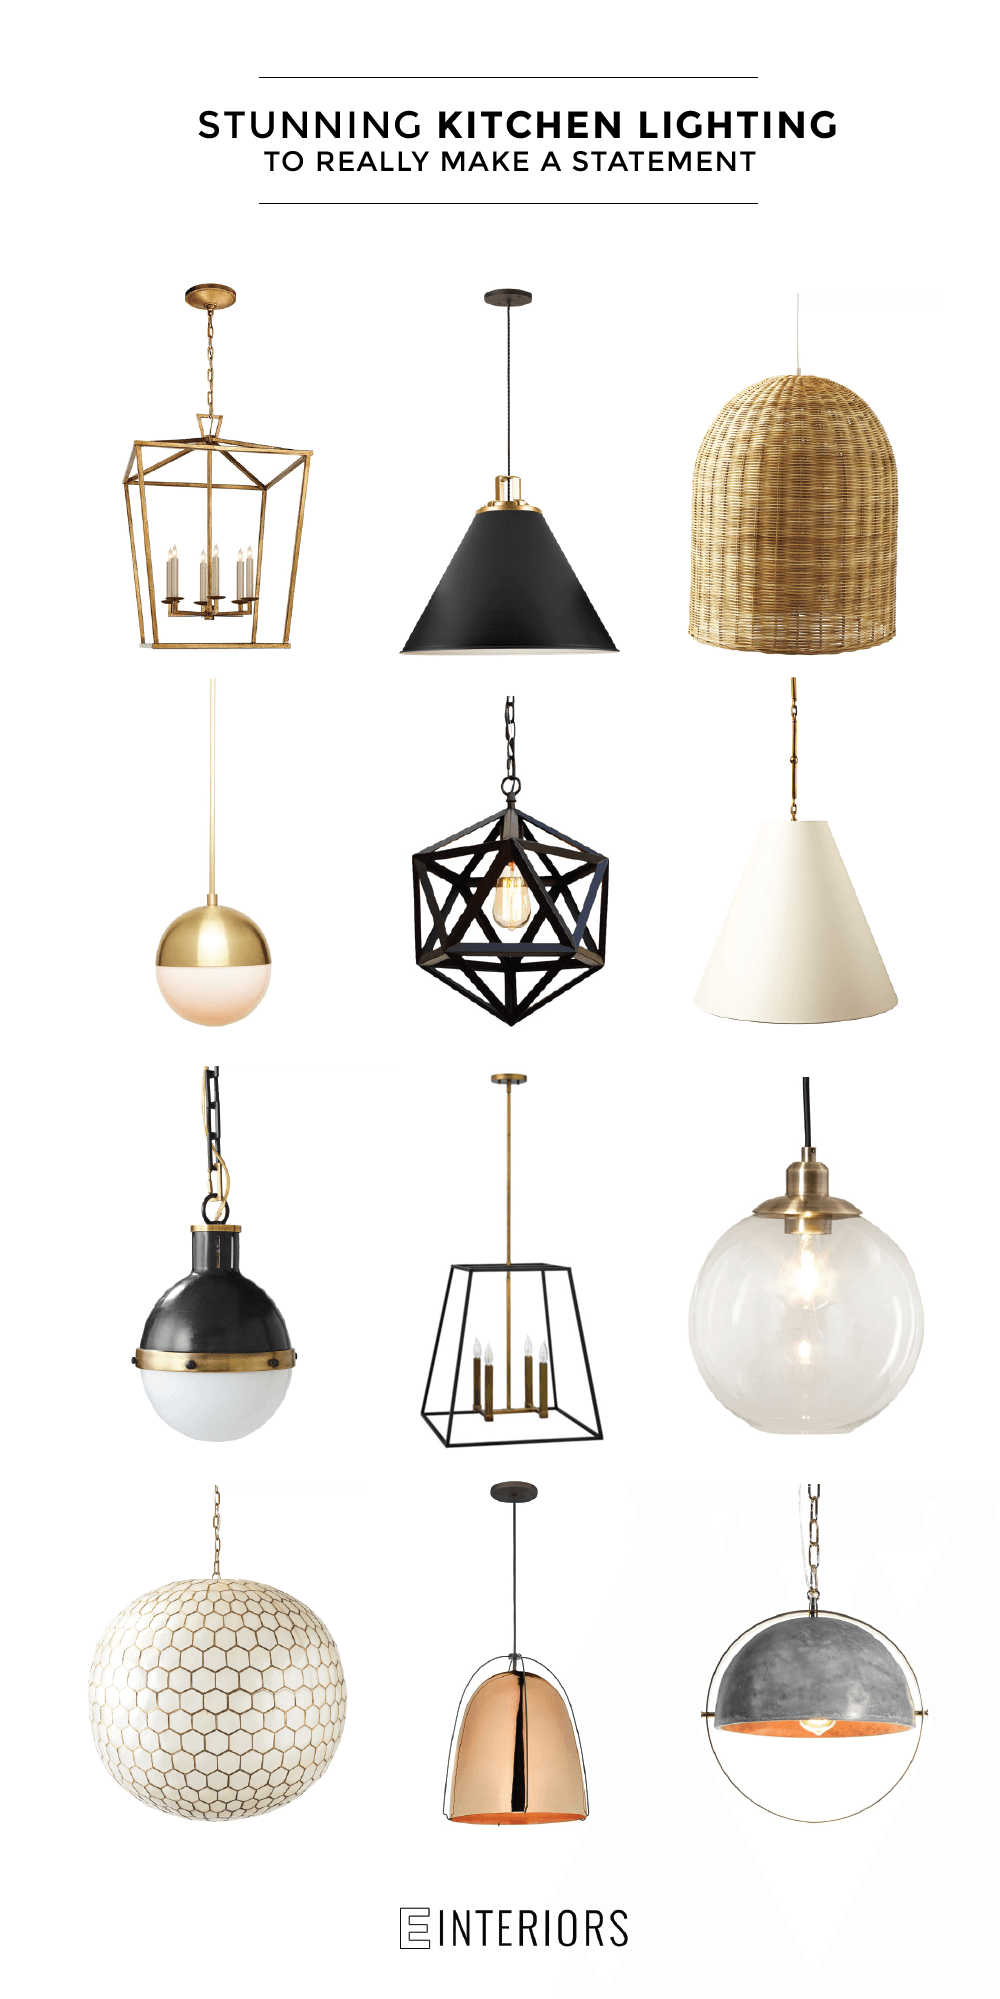 STUNNING KITCHEN LIGHTING IDEAS   Runder esstisch, Esstische und Möbel